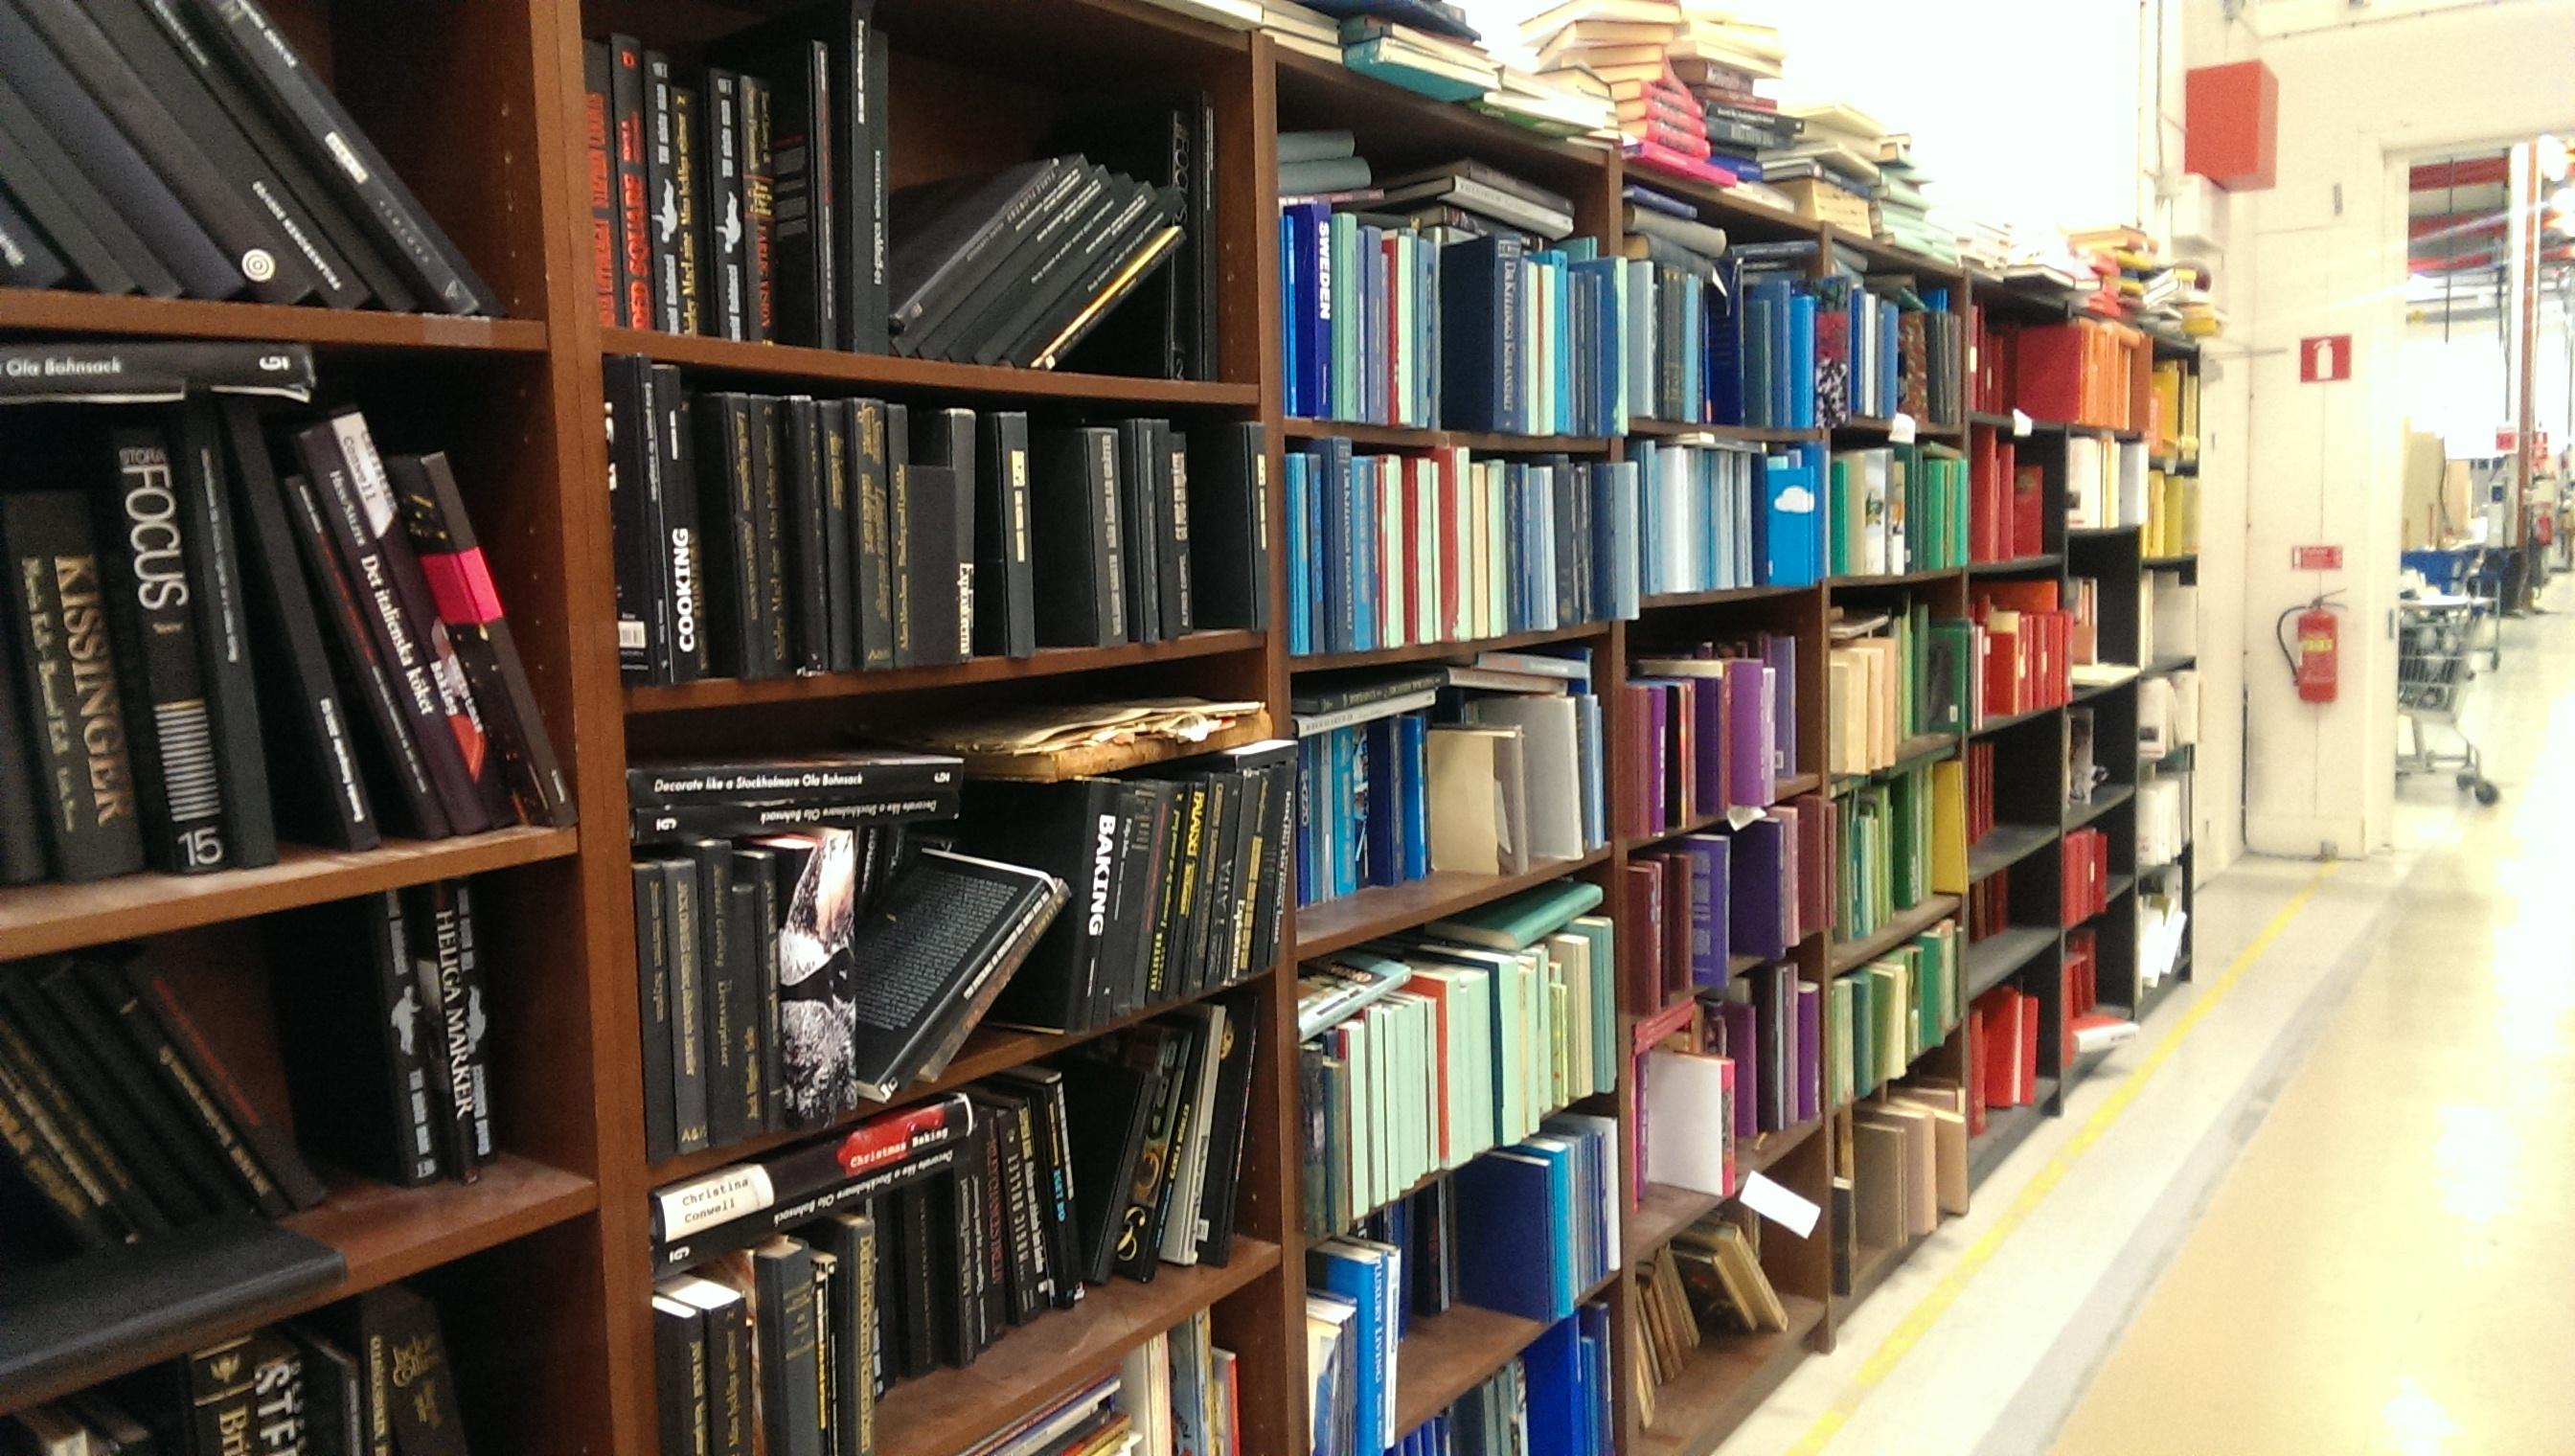 ikea books